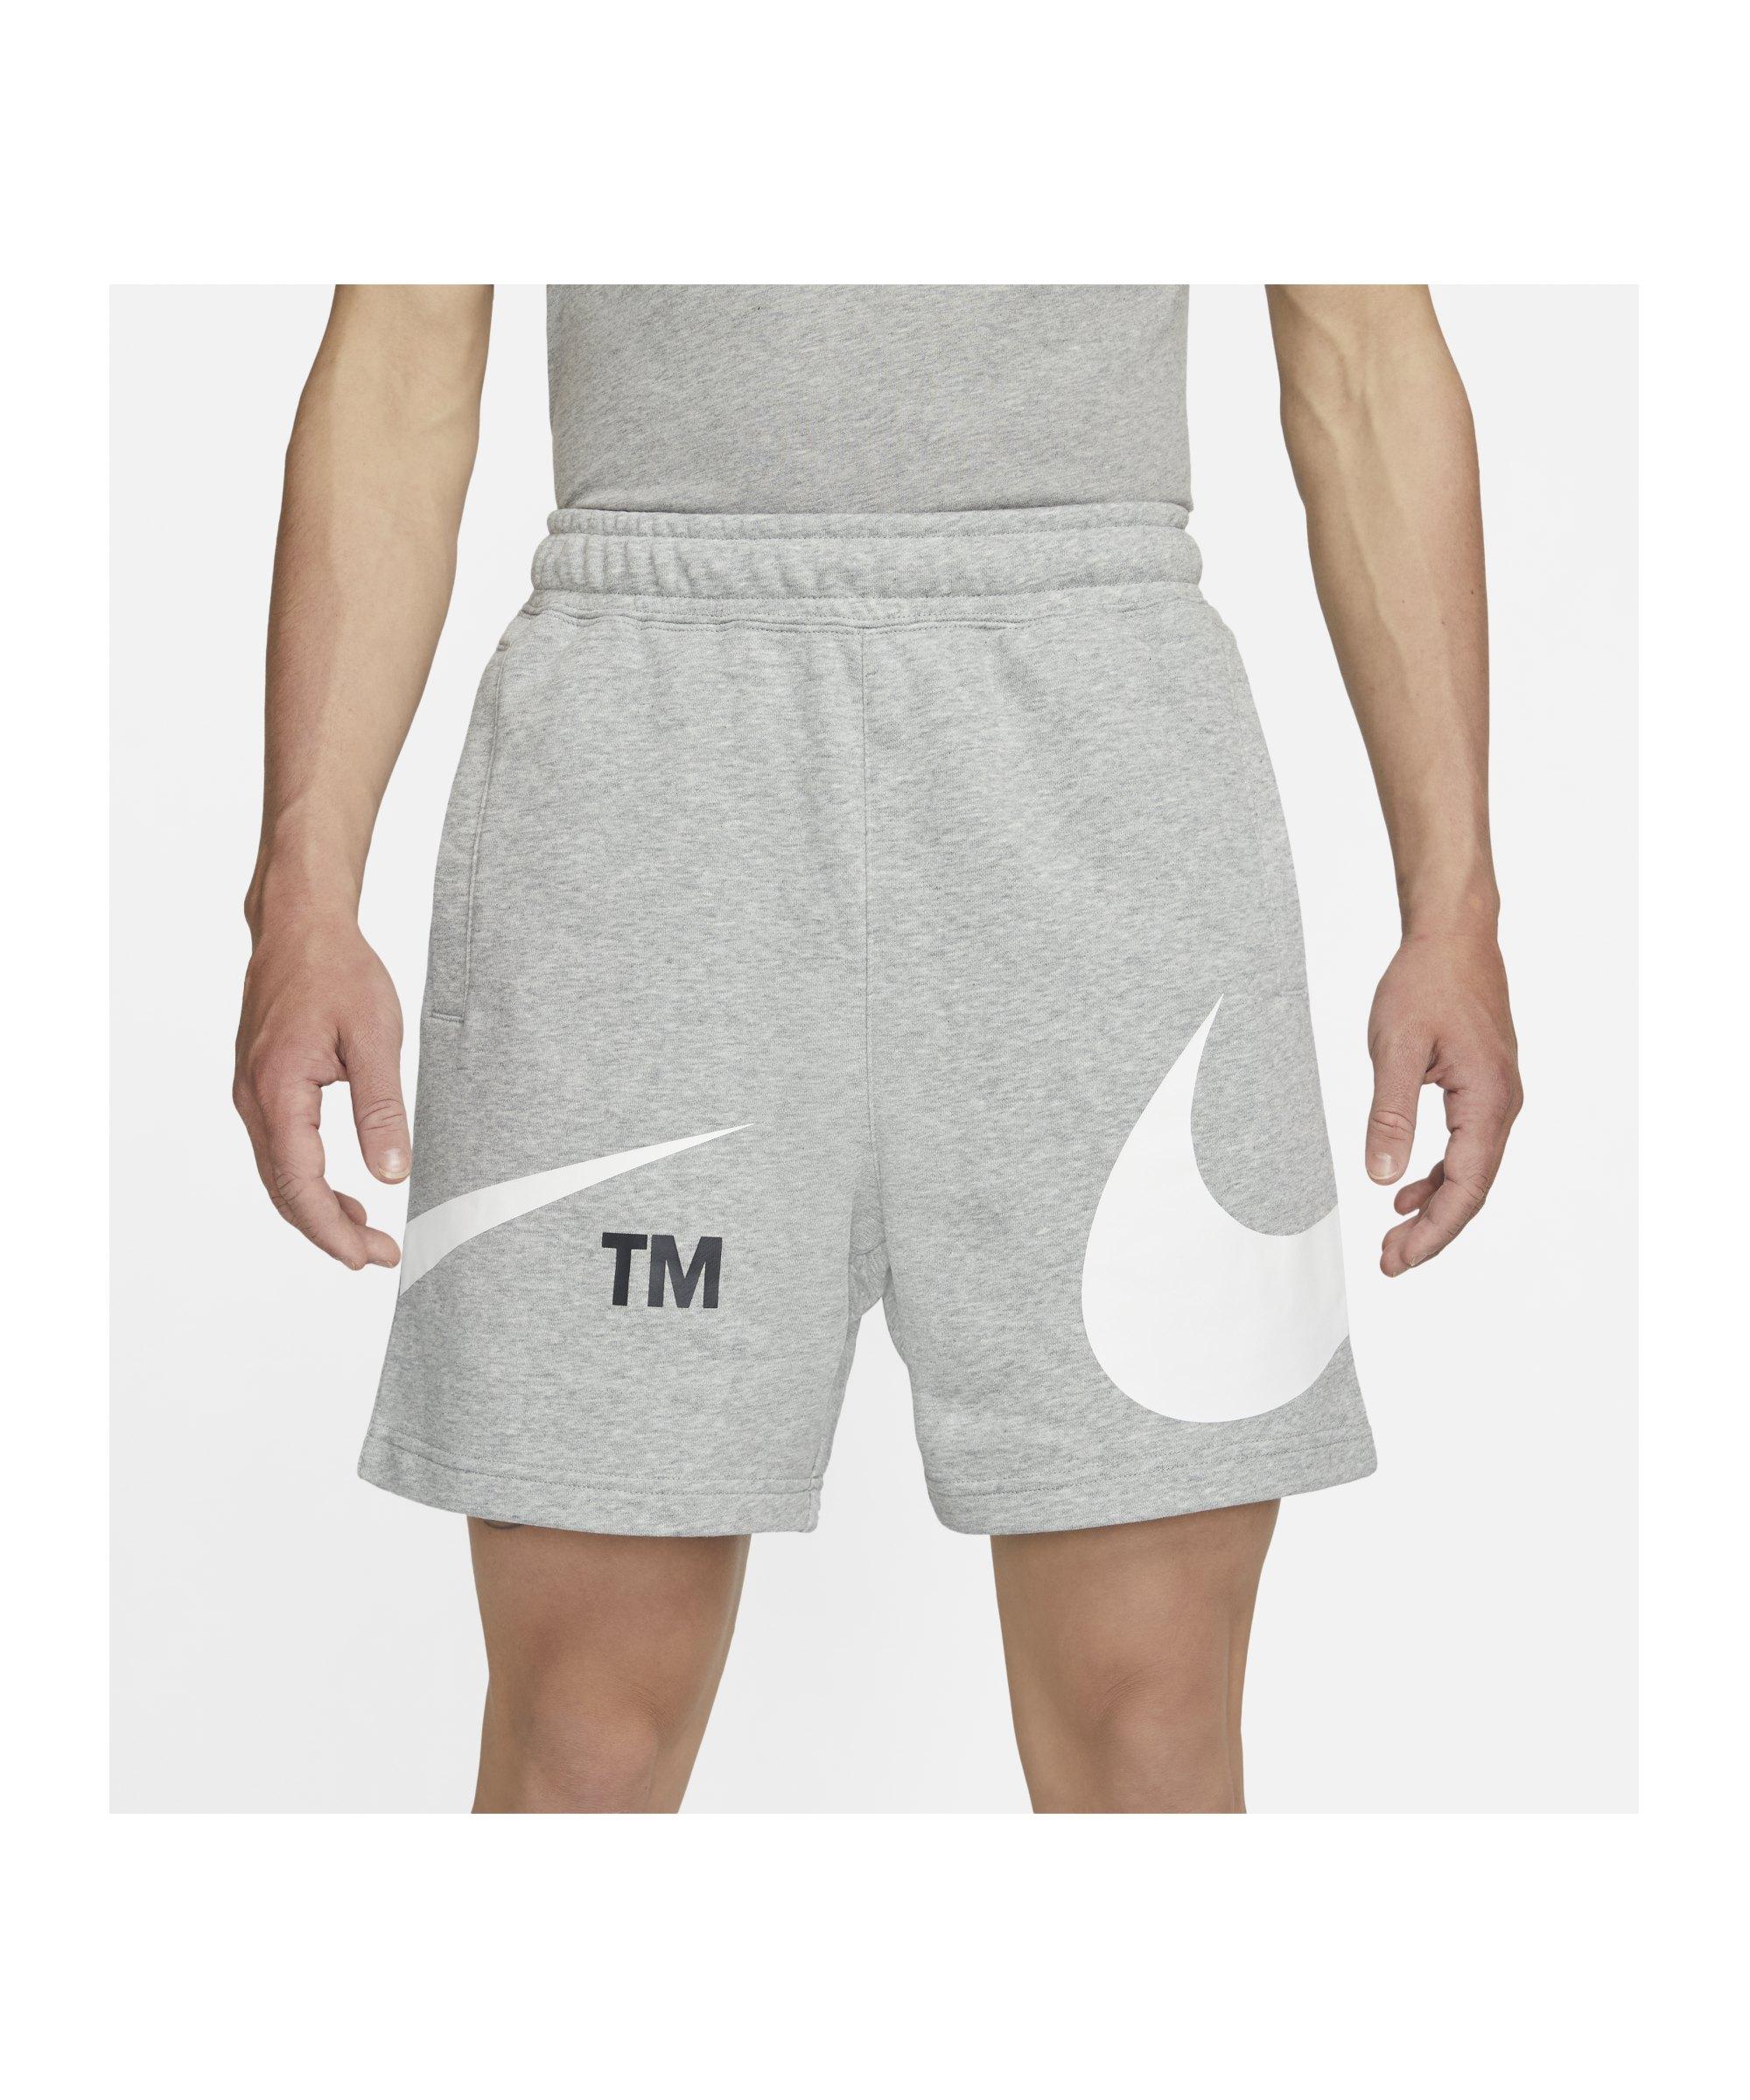 Nike Sport Swoosh French Terry Short Grau F063 - grau